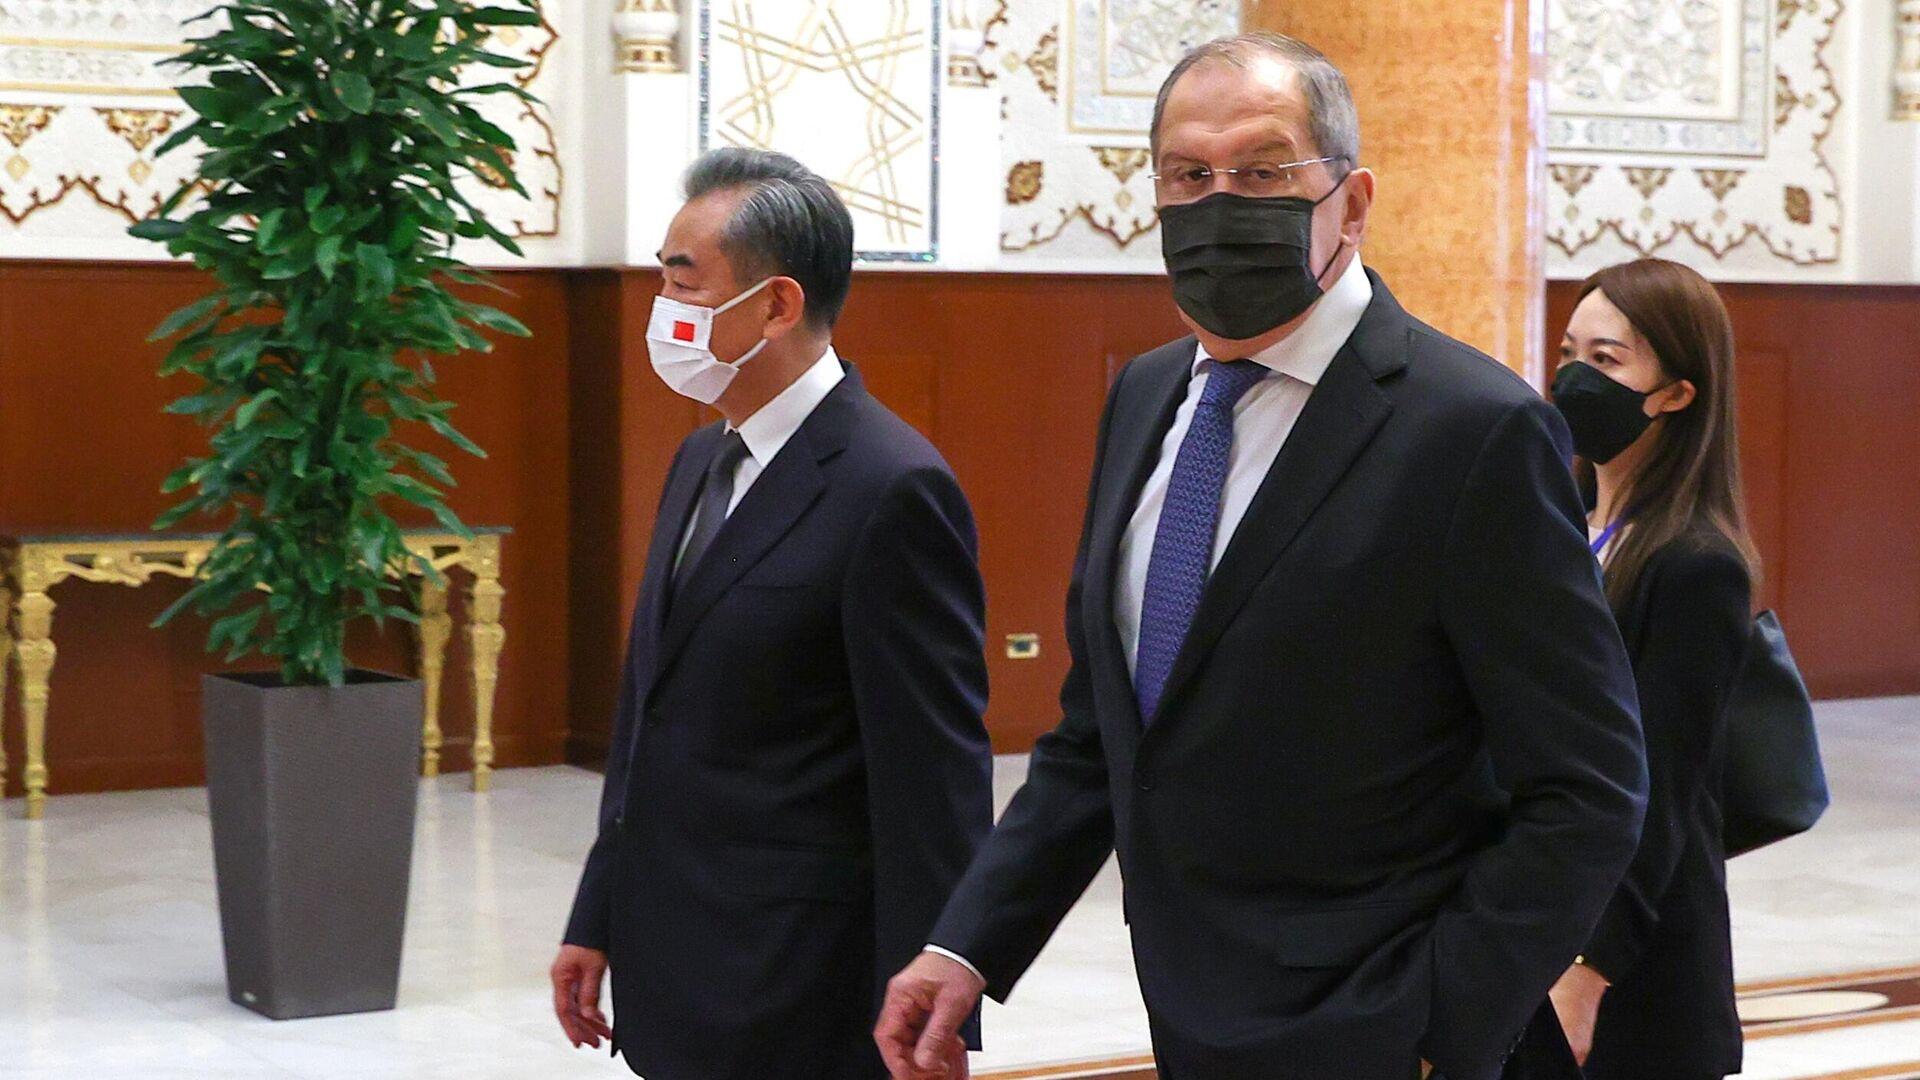 Министр иностранных дел РФ Сергей Лавров (в центре) и министр иностранных дел КНР Ван И - Sputnik Беларусь, 1920, 16.09.2021